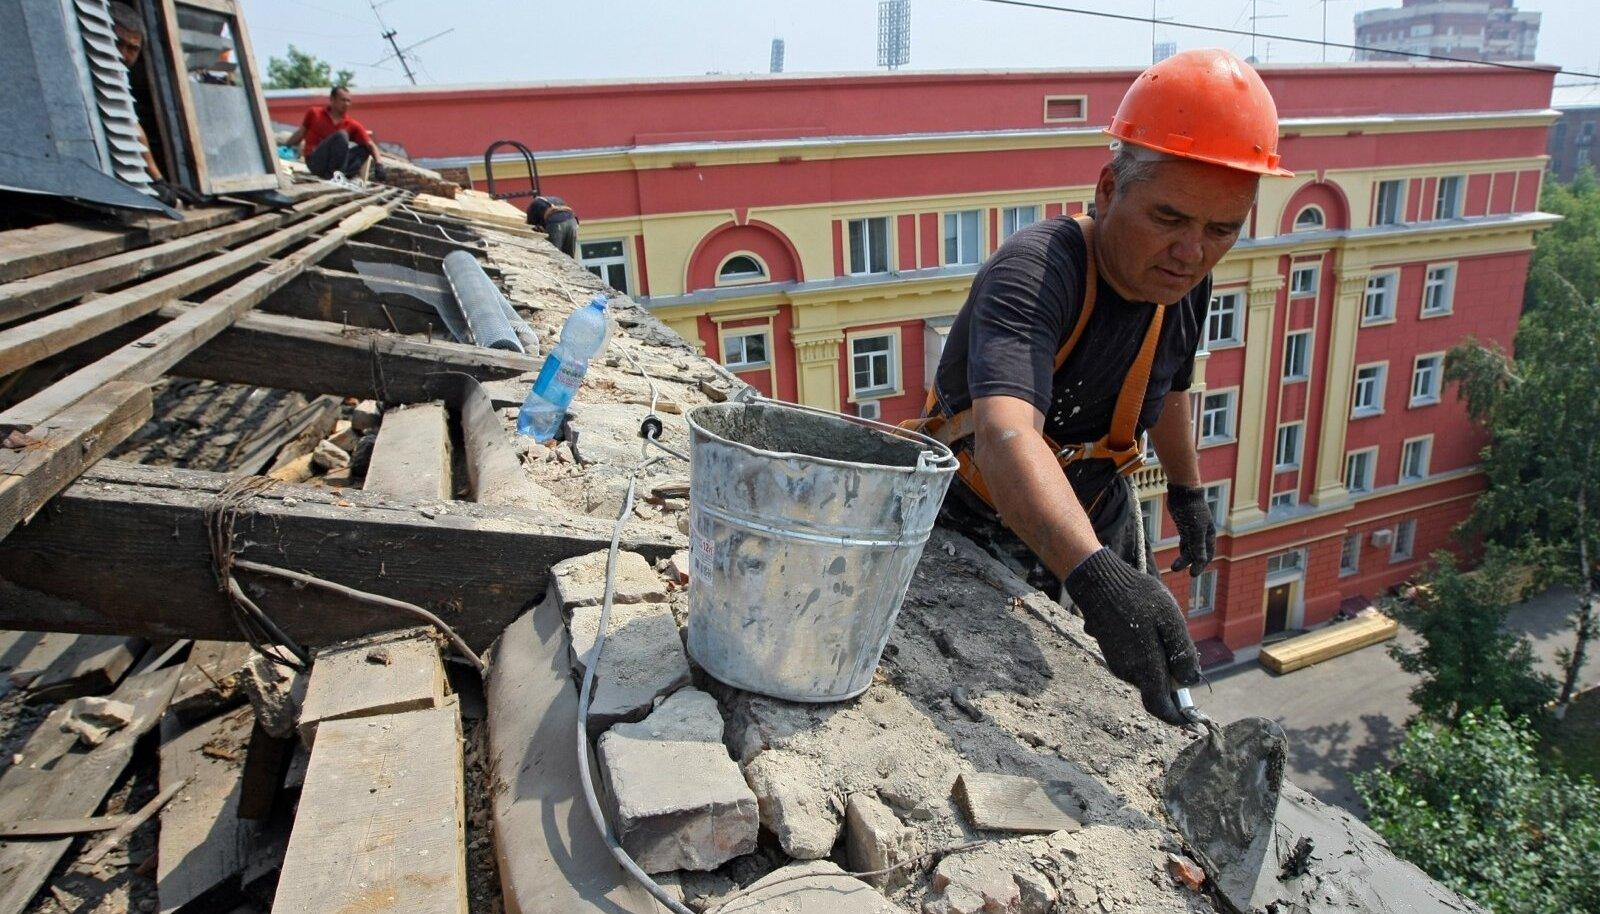 Venemaa tahab ise endale tööandjaks olijaid makse maksma meelitada madala maksumäära ning mugava teenusega.